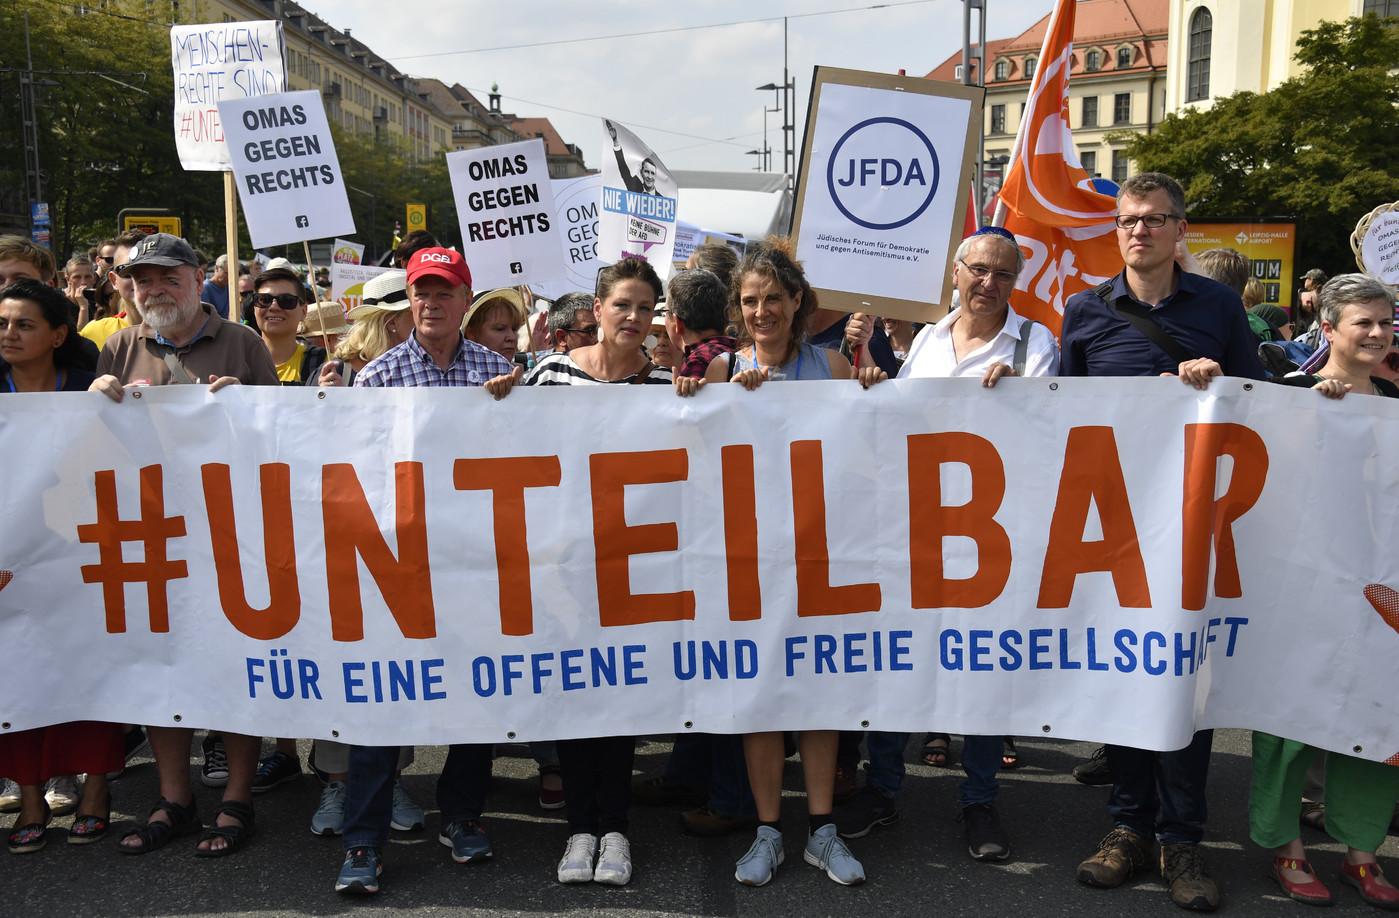 Allemagne : des milliers de manifestants contre l'extrême droite